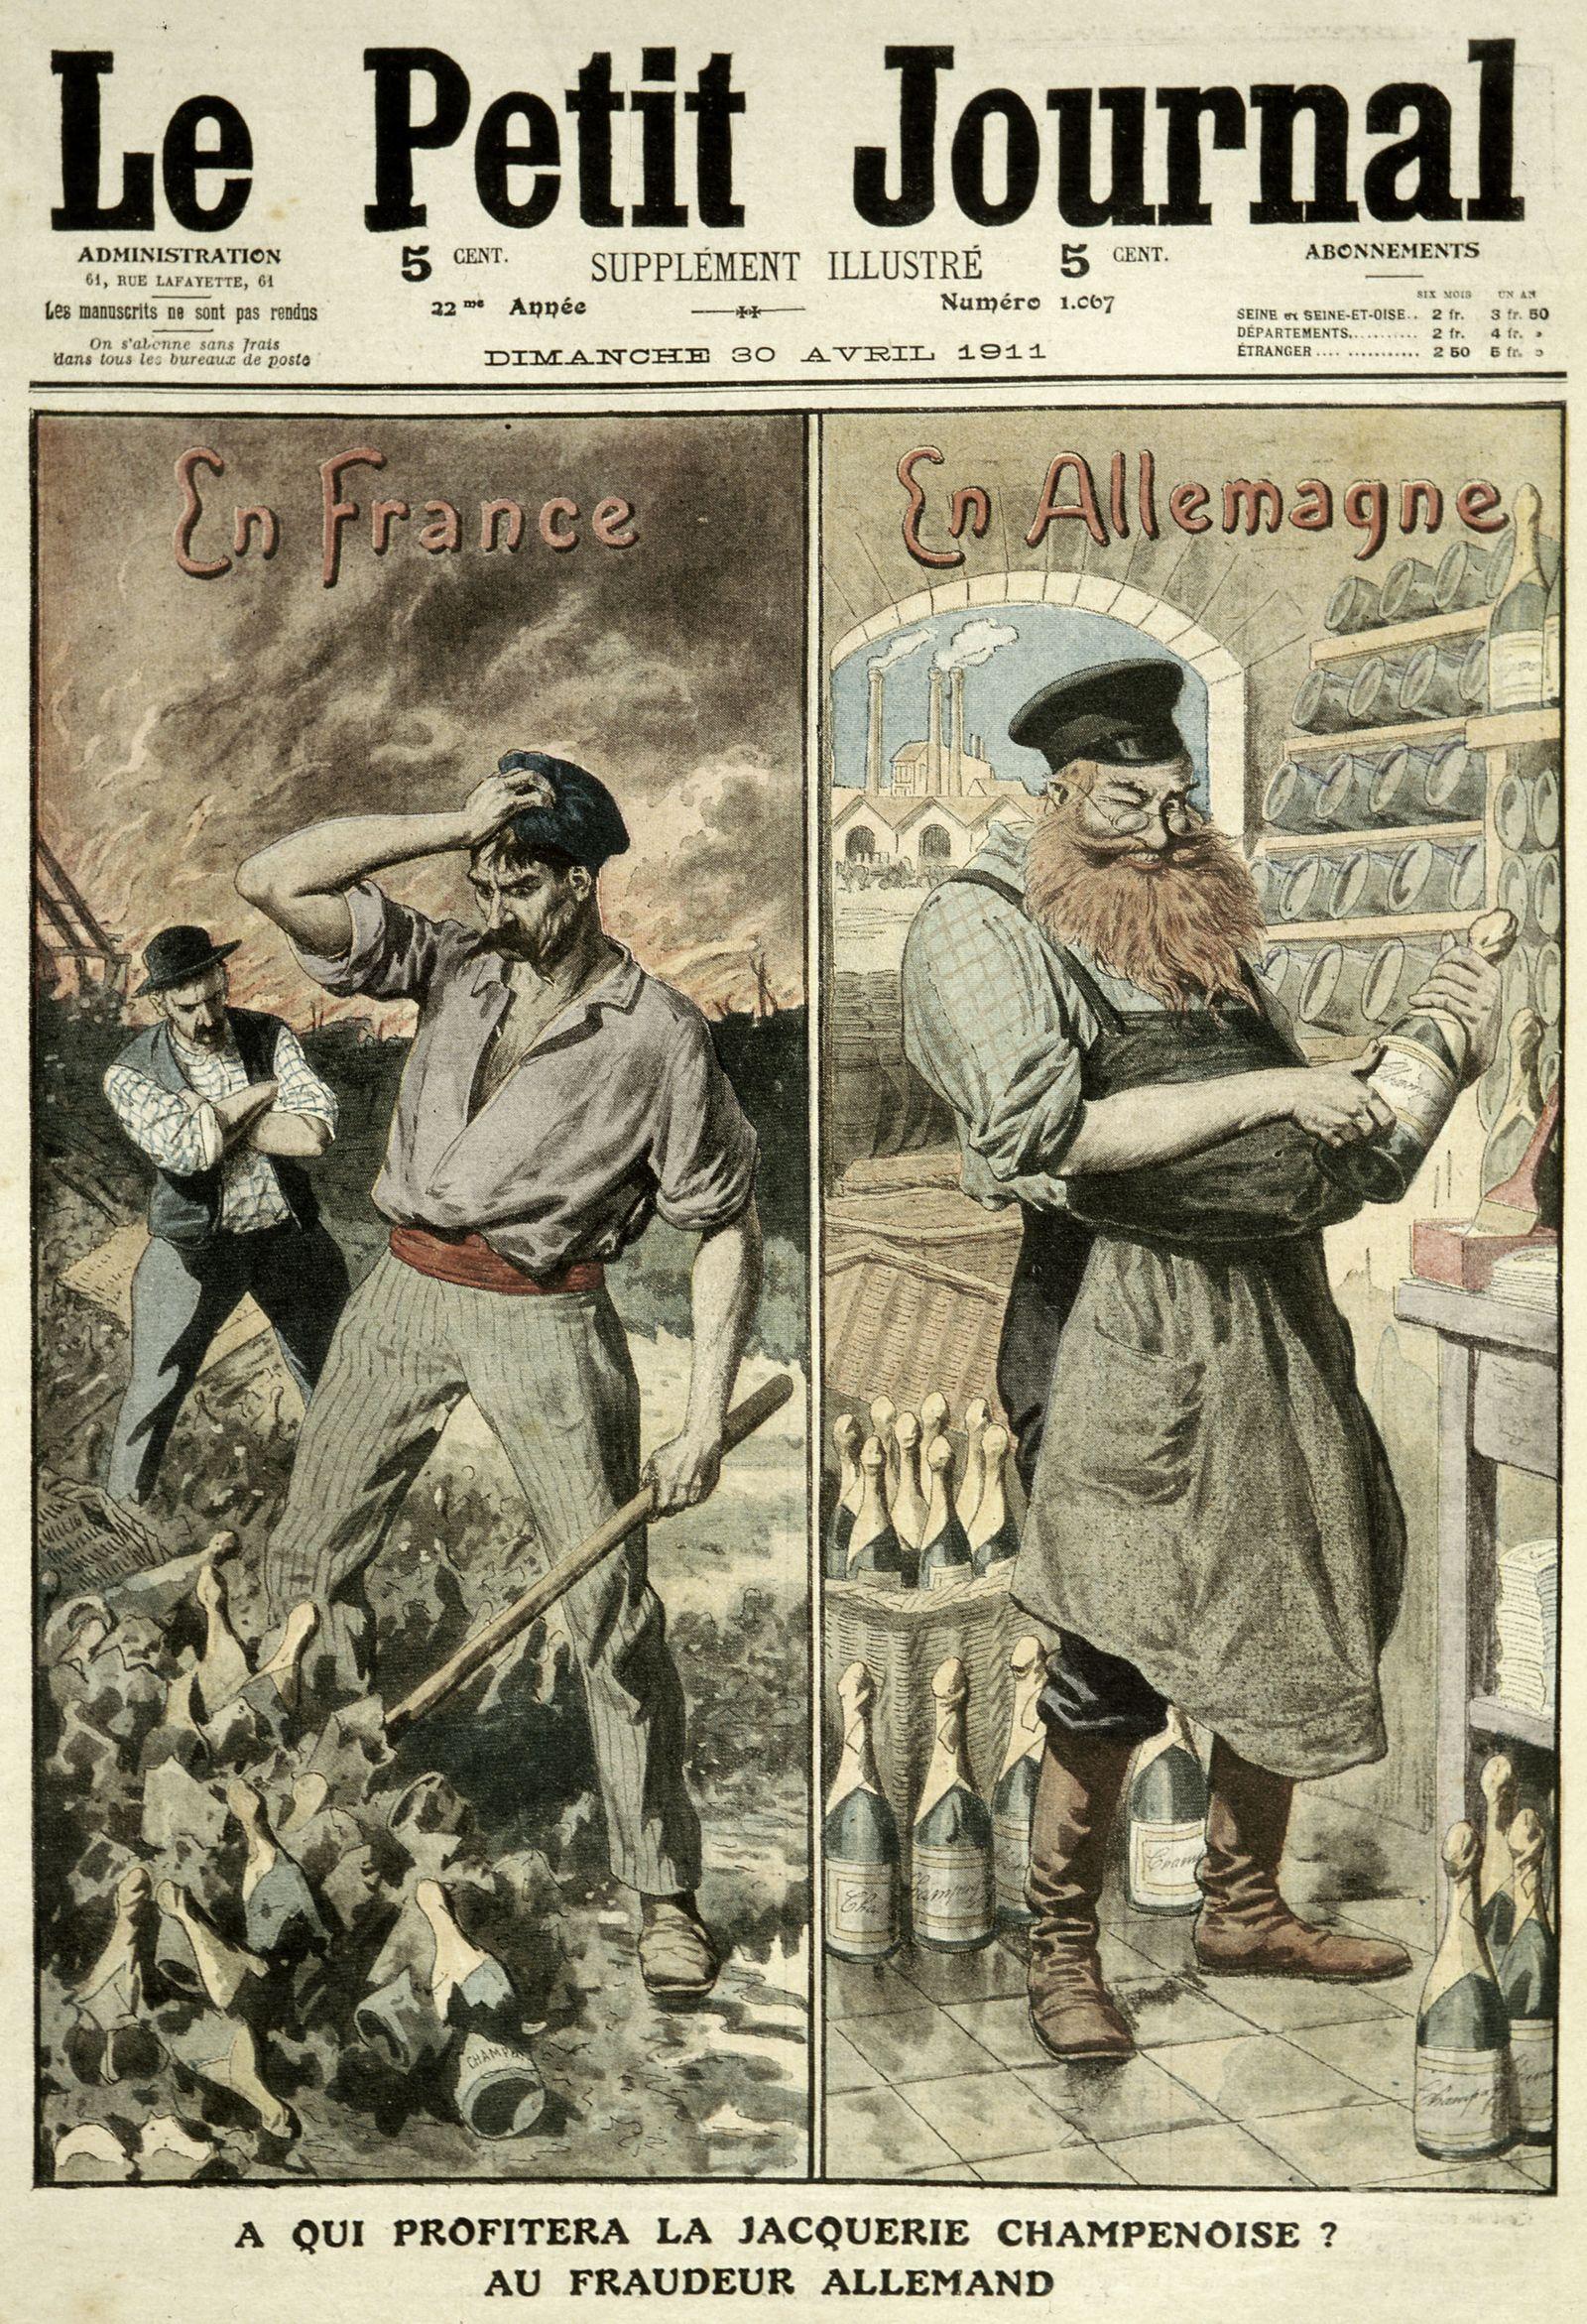 Petit Journal A qui profitera la jacquerie champenoise? au fraudeur allemand Couverture du Petit Journal Illustre, avril